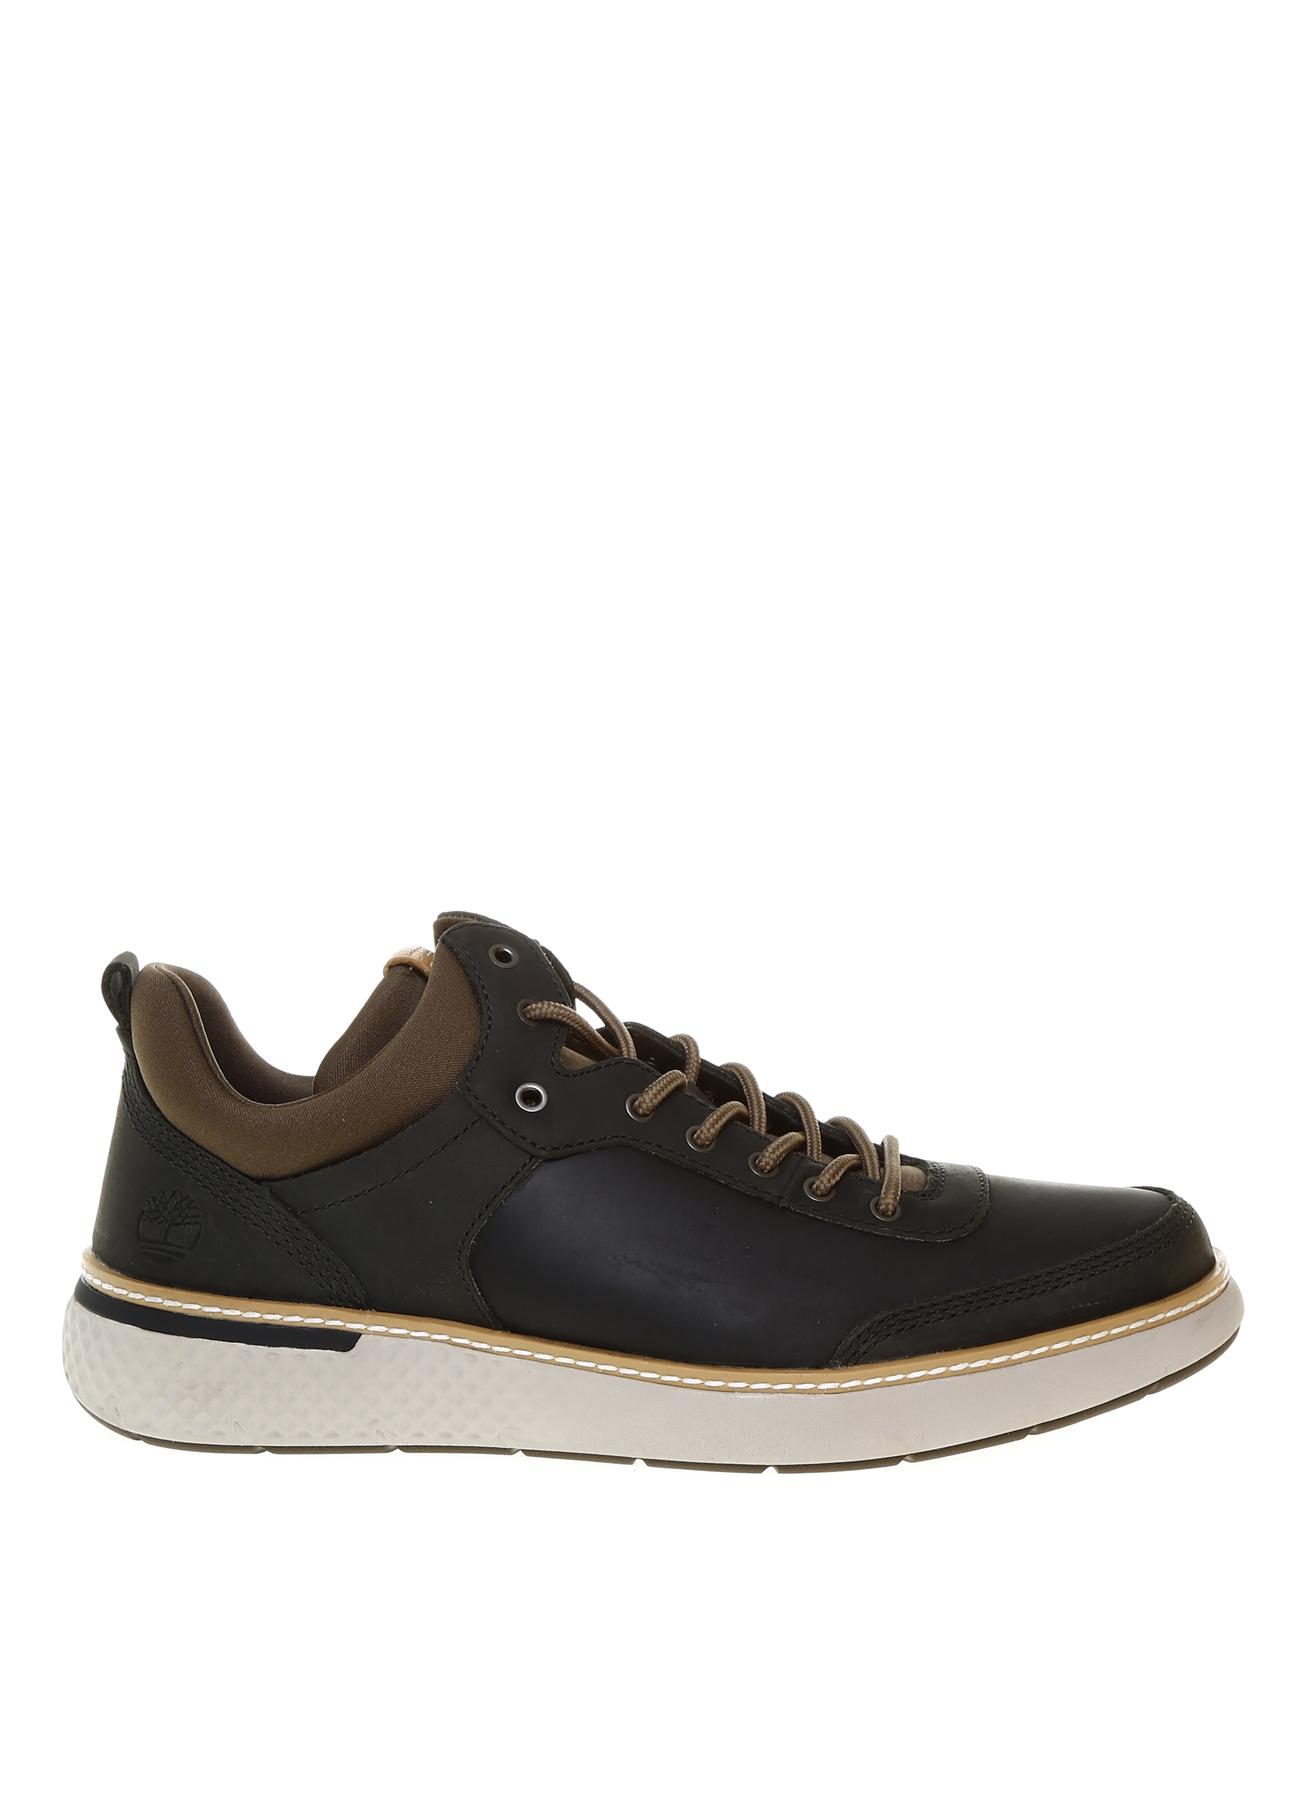 Timberland Tb0A1Sprp011 Cross Mark Pt Hiker Günlük Ayakkabı 41 5002314124002 Ürün Resmi